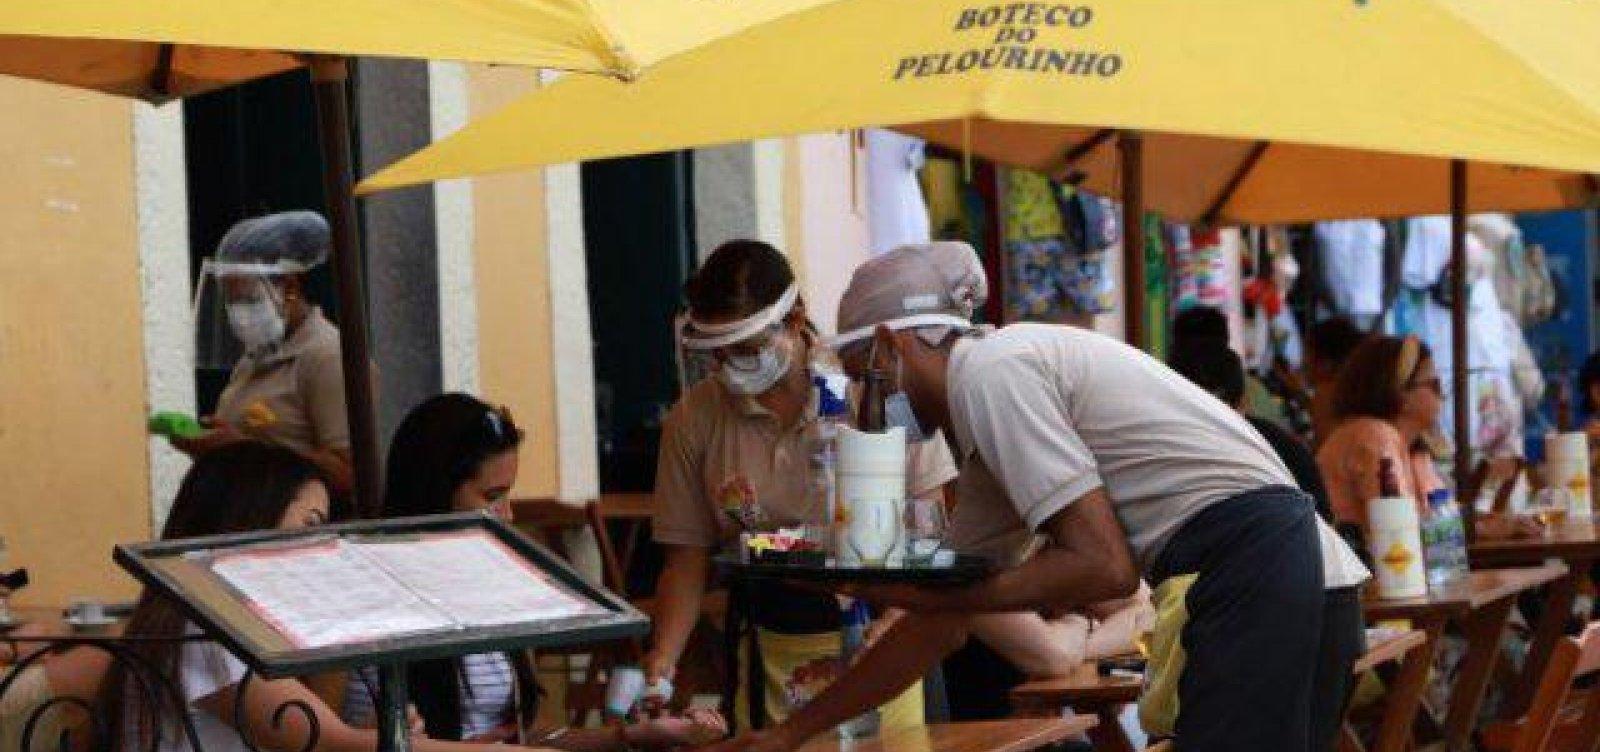 Ampliação de funcionamento de bares e restaurantes garante empregos e renda, diz Abrasel